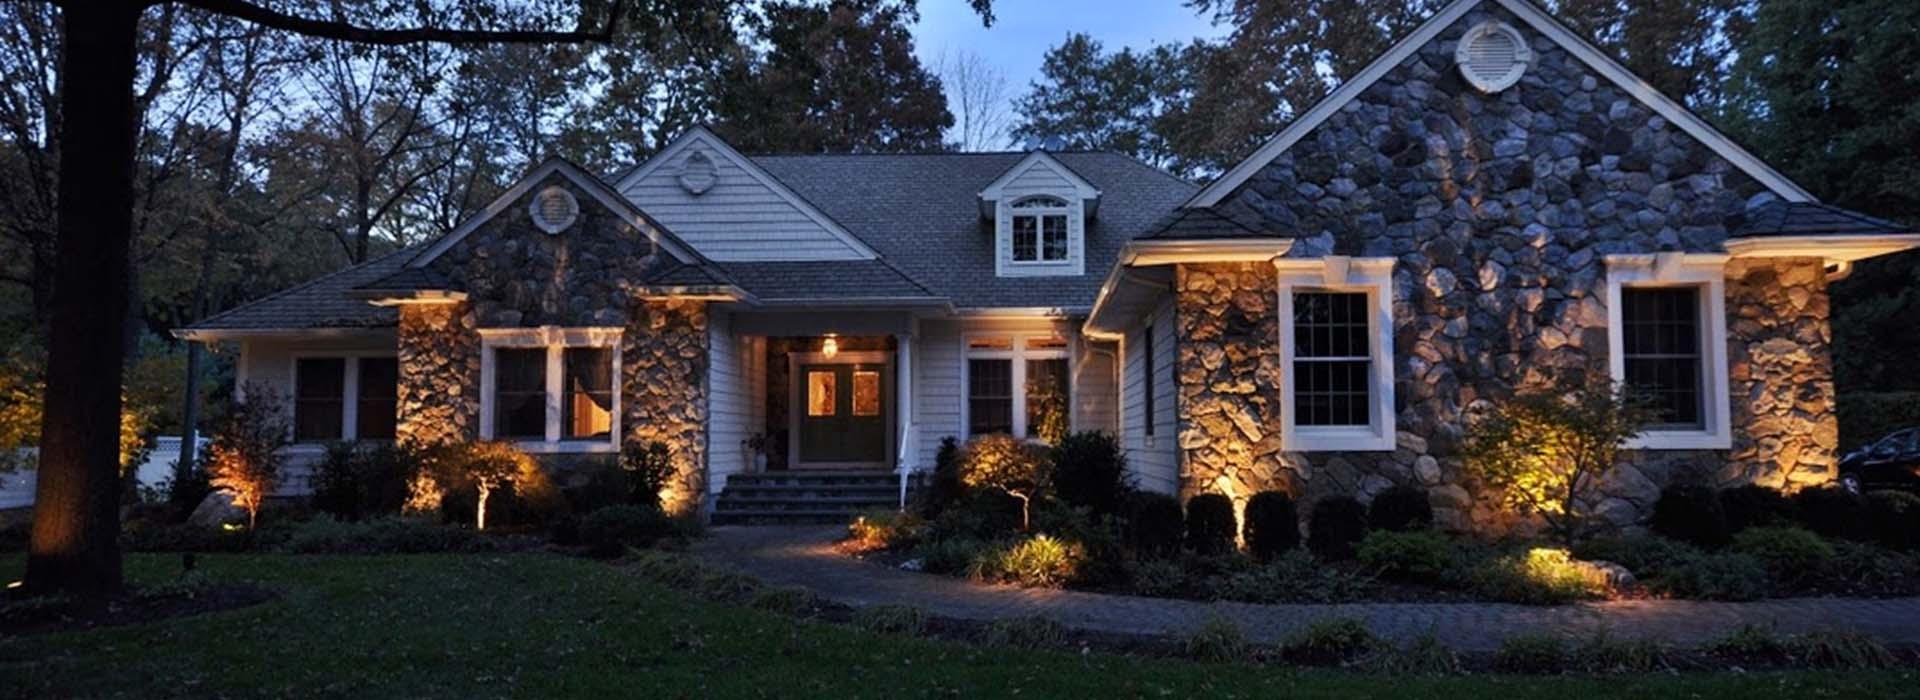 Canete outdoor landscape lighting - How to design landscape lighting plan ...